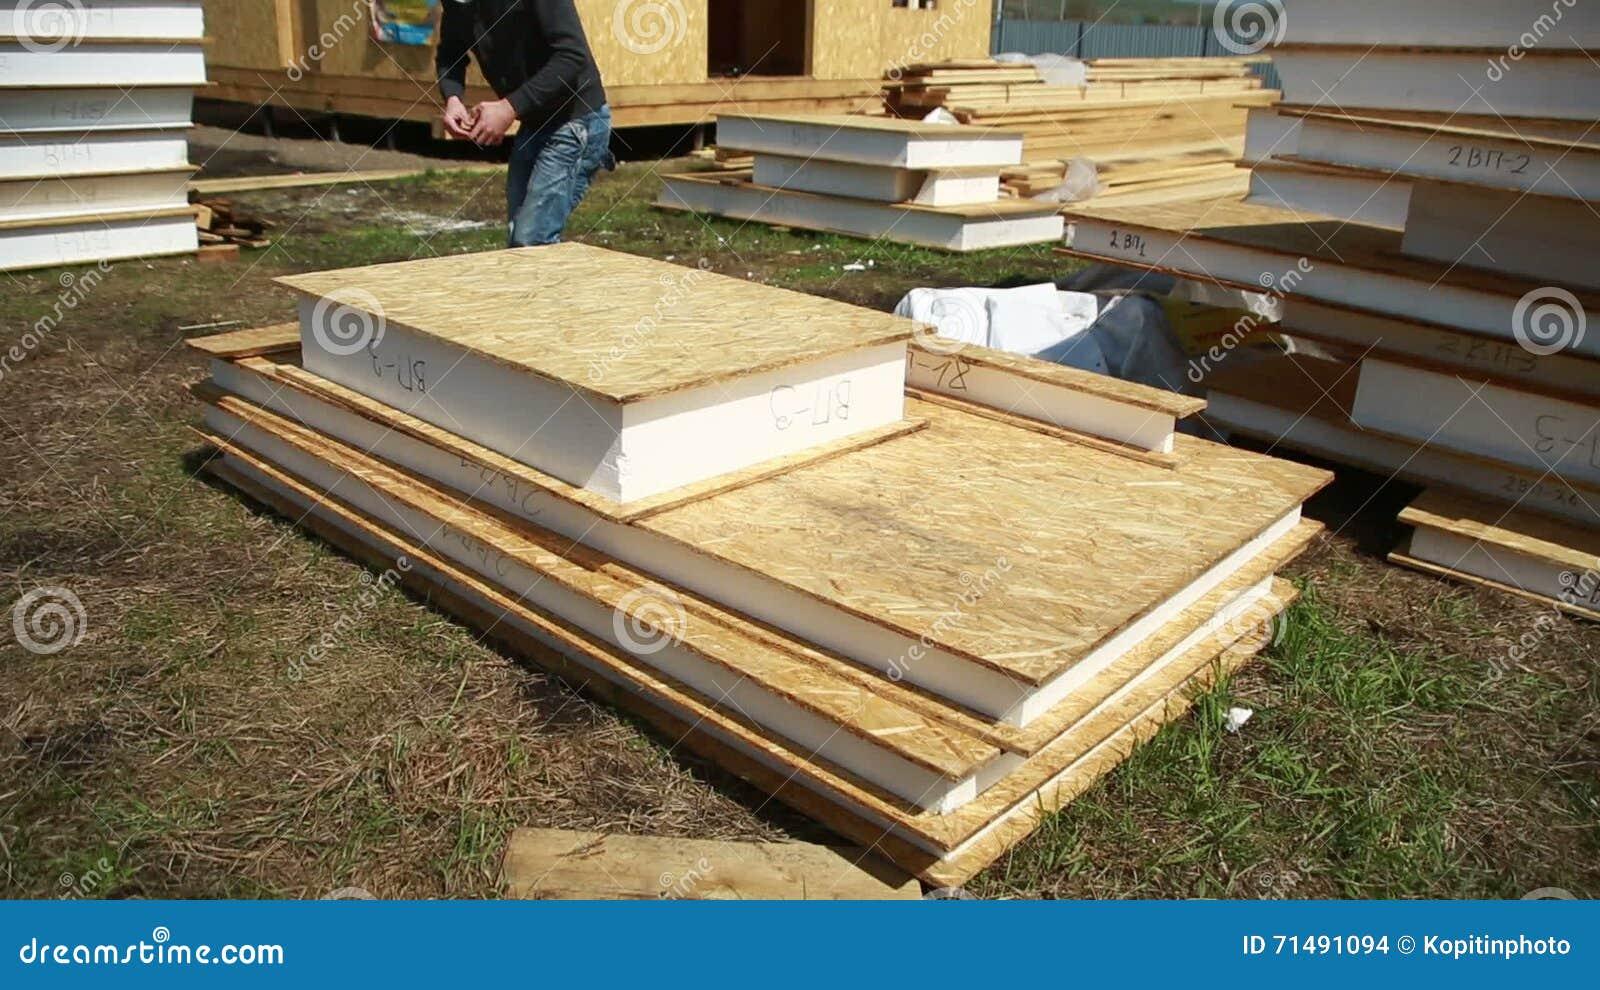 foam blocks for building houses